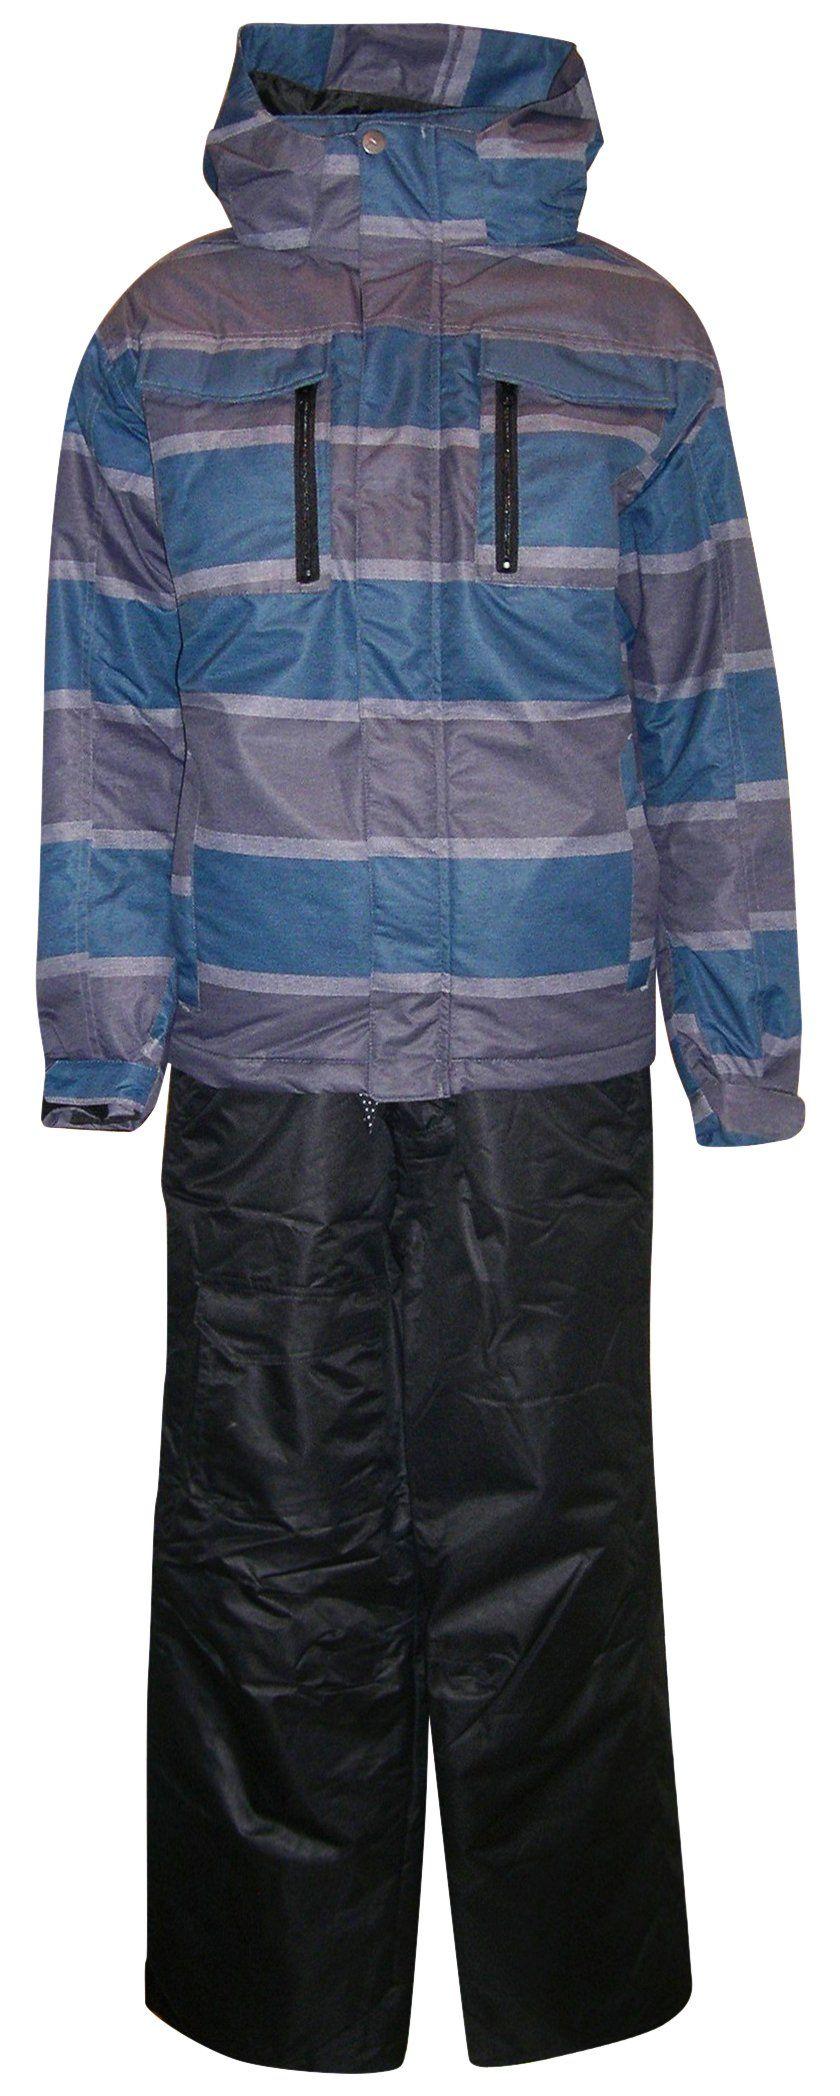 6fd9aecc8 Pulse Big Boys Youth Kids 2 Piece Snowsuit Jacket Pants Set Daze (M ...